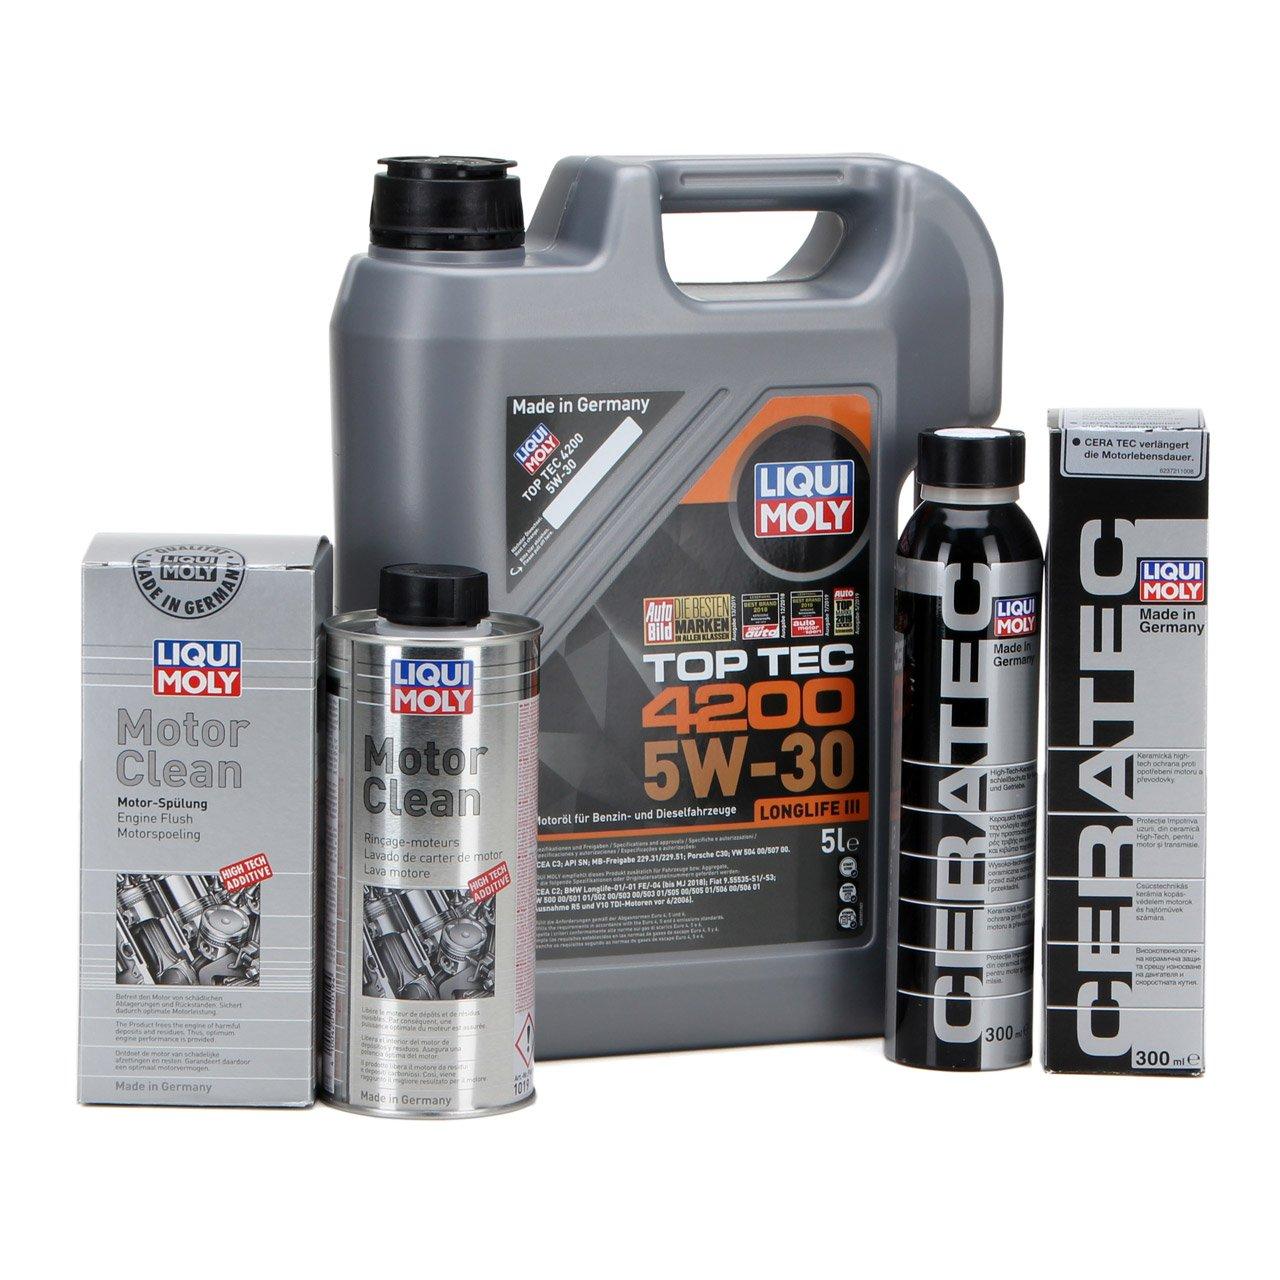 LIQUI MOLY 5 L Motoröl Öl TOP TEC 4200 5W30 + CeraTec Additiv + Motor Clean